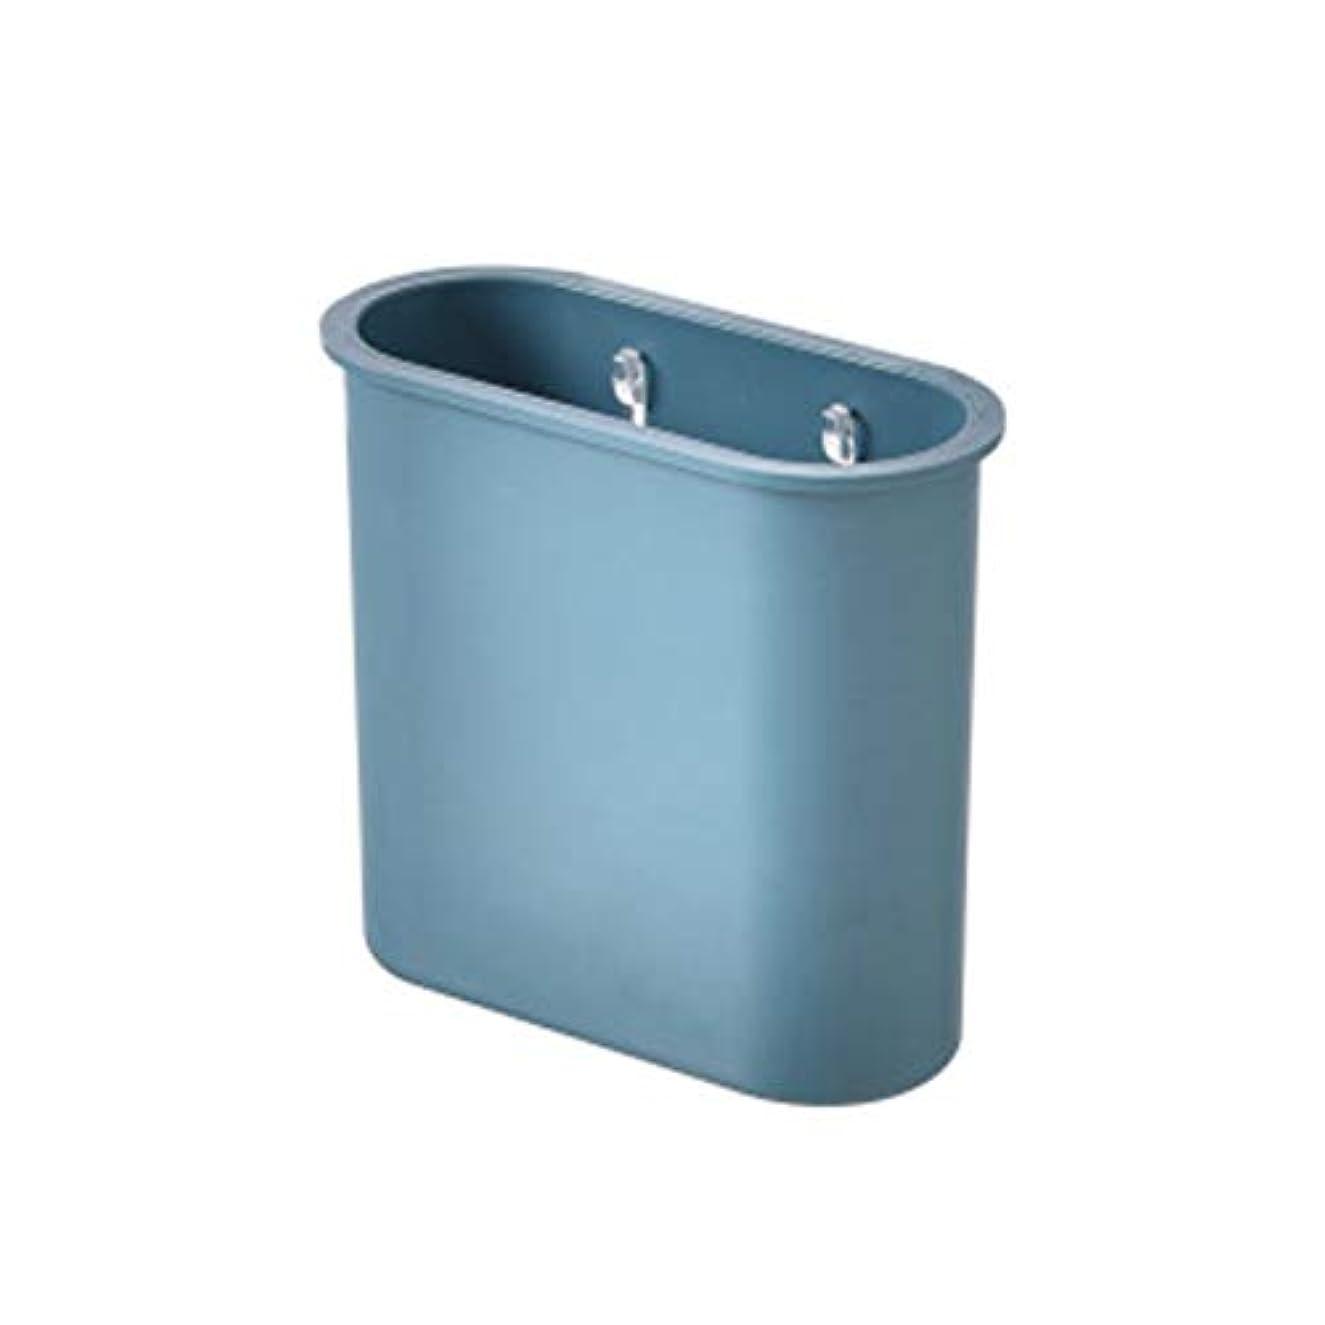 報告書カフェテリアファイバTOPBATHY 歯ブラシのホールダーの壁の歯ブラシおよび浴室のための歯磨き粉の立場